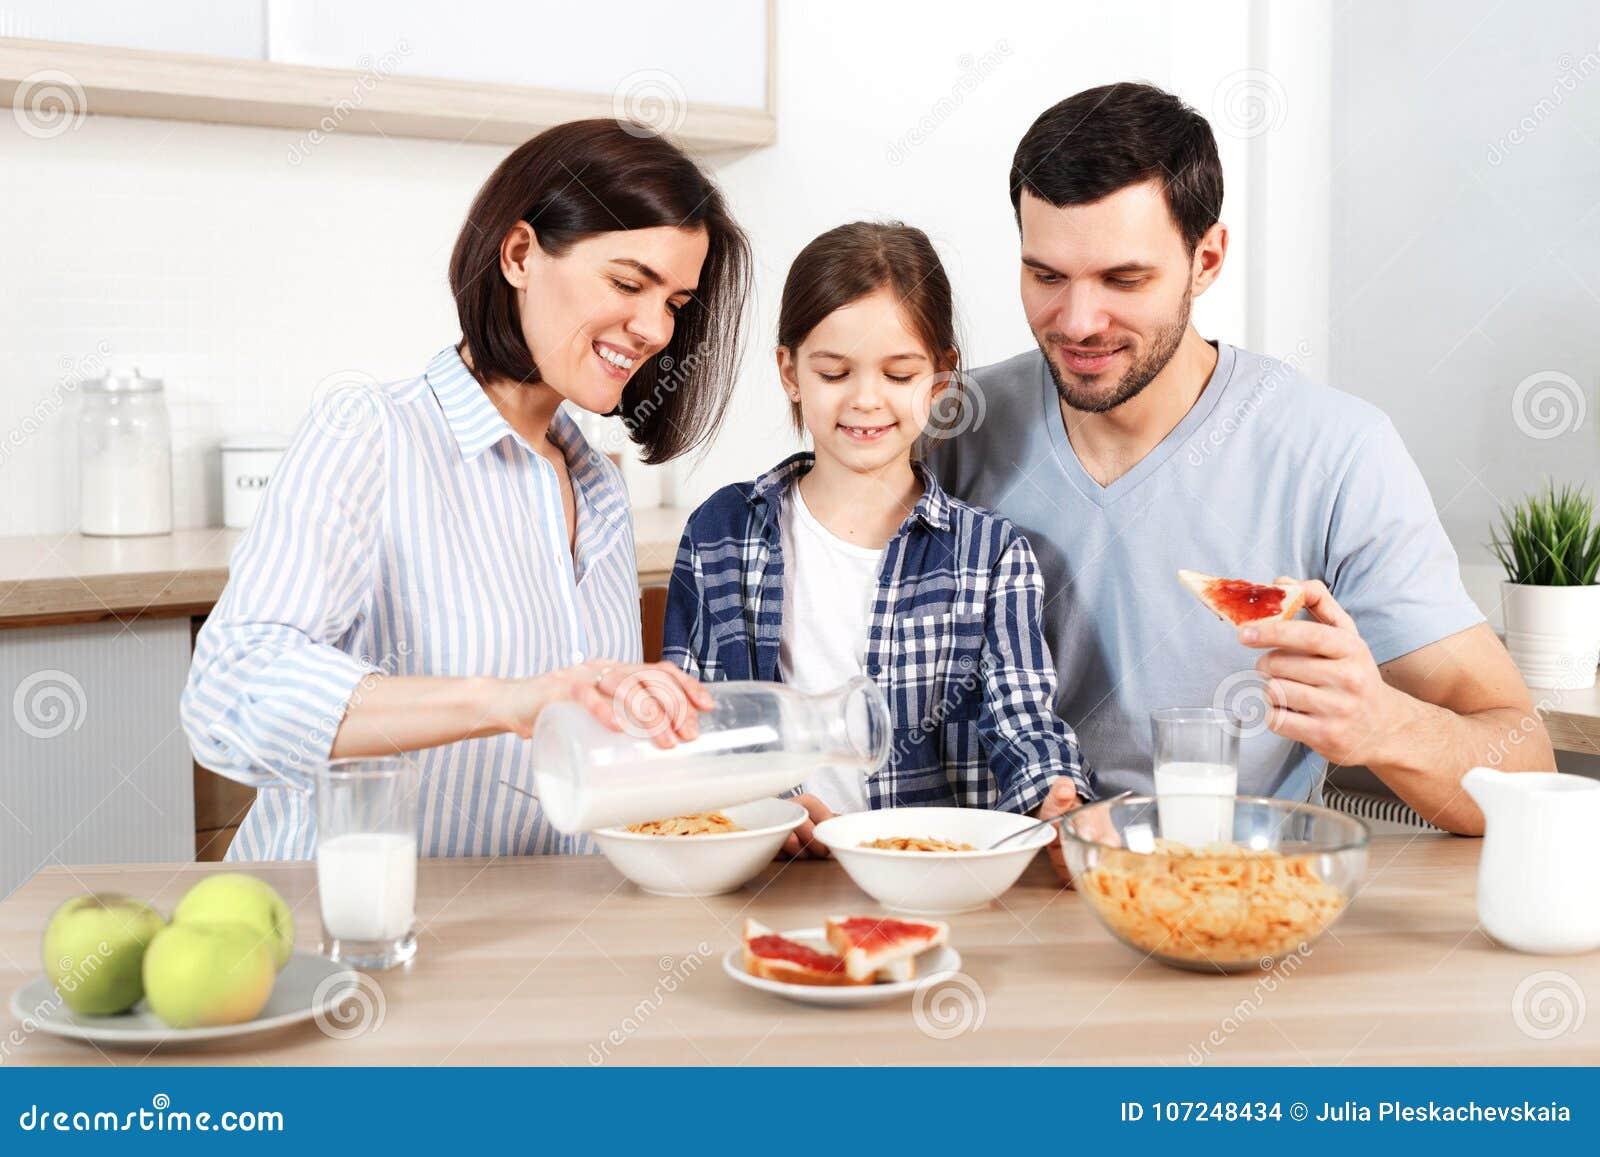 Η ευτυχής οικογένεια έχει το υγιές πρόγευμα από κοινού Η χαμογελώντας μητέρα χύνει το γάλα στο κύπελλο με τα δημητριακά, τρώει τα